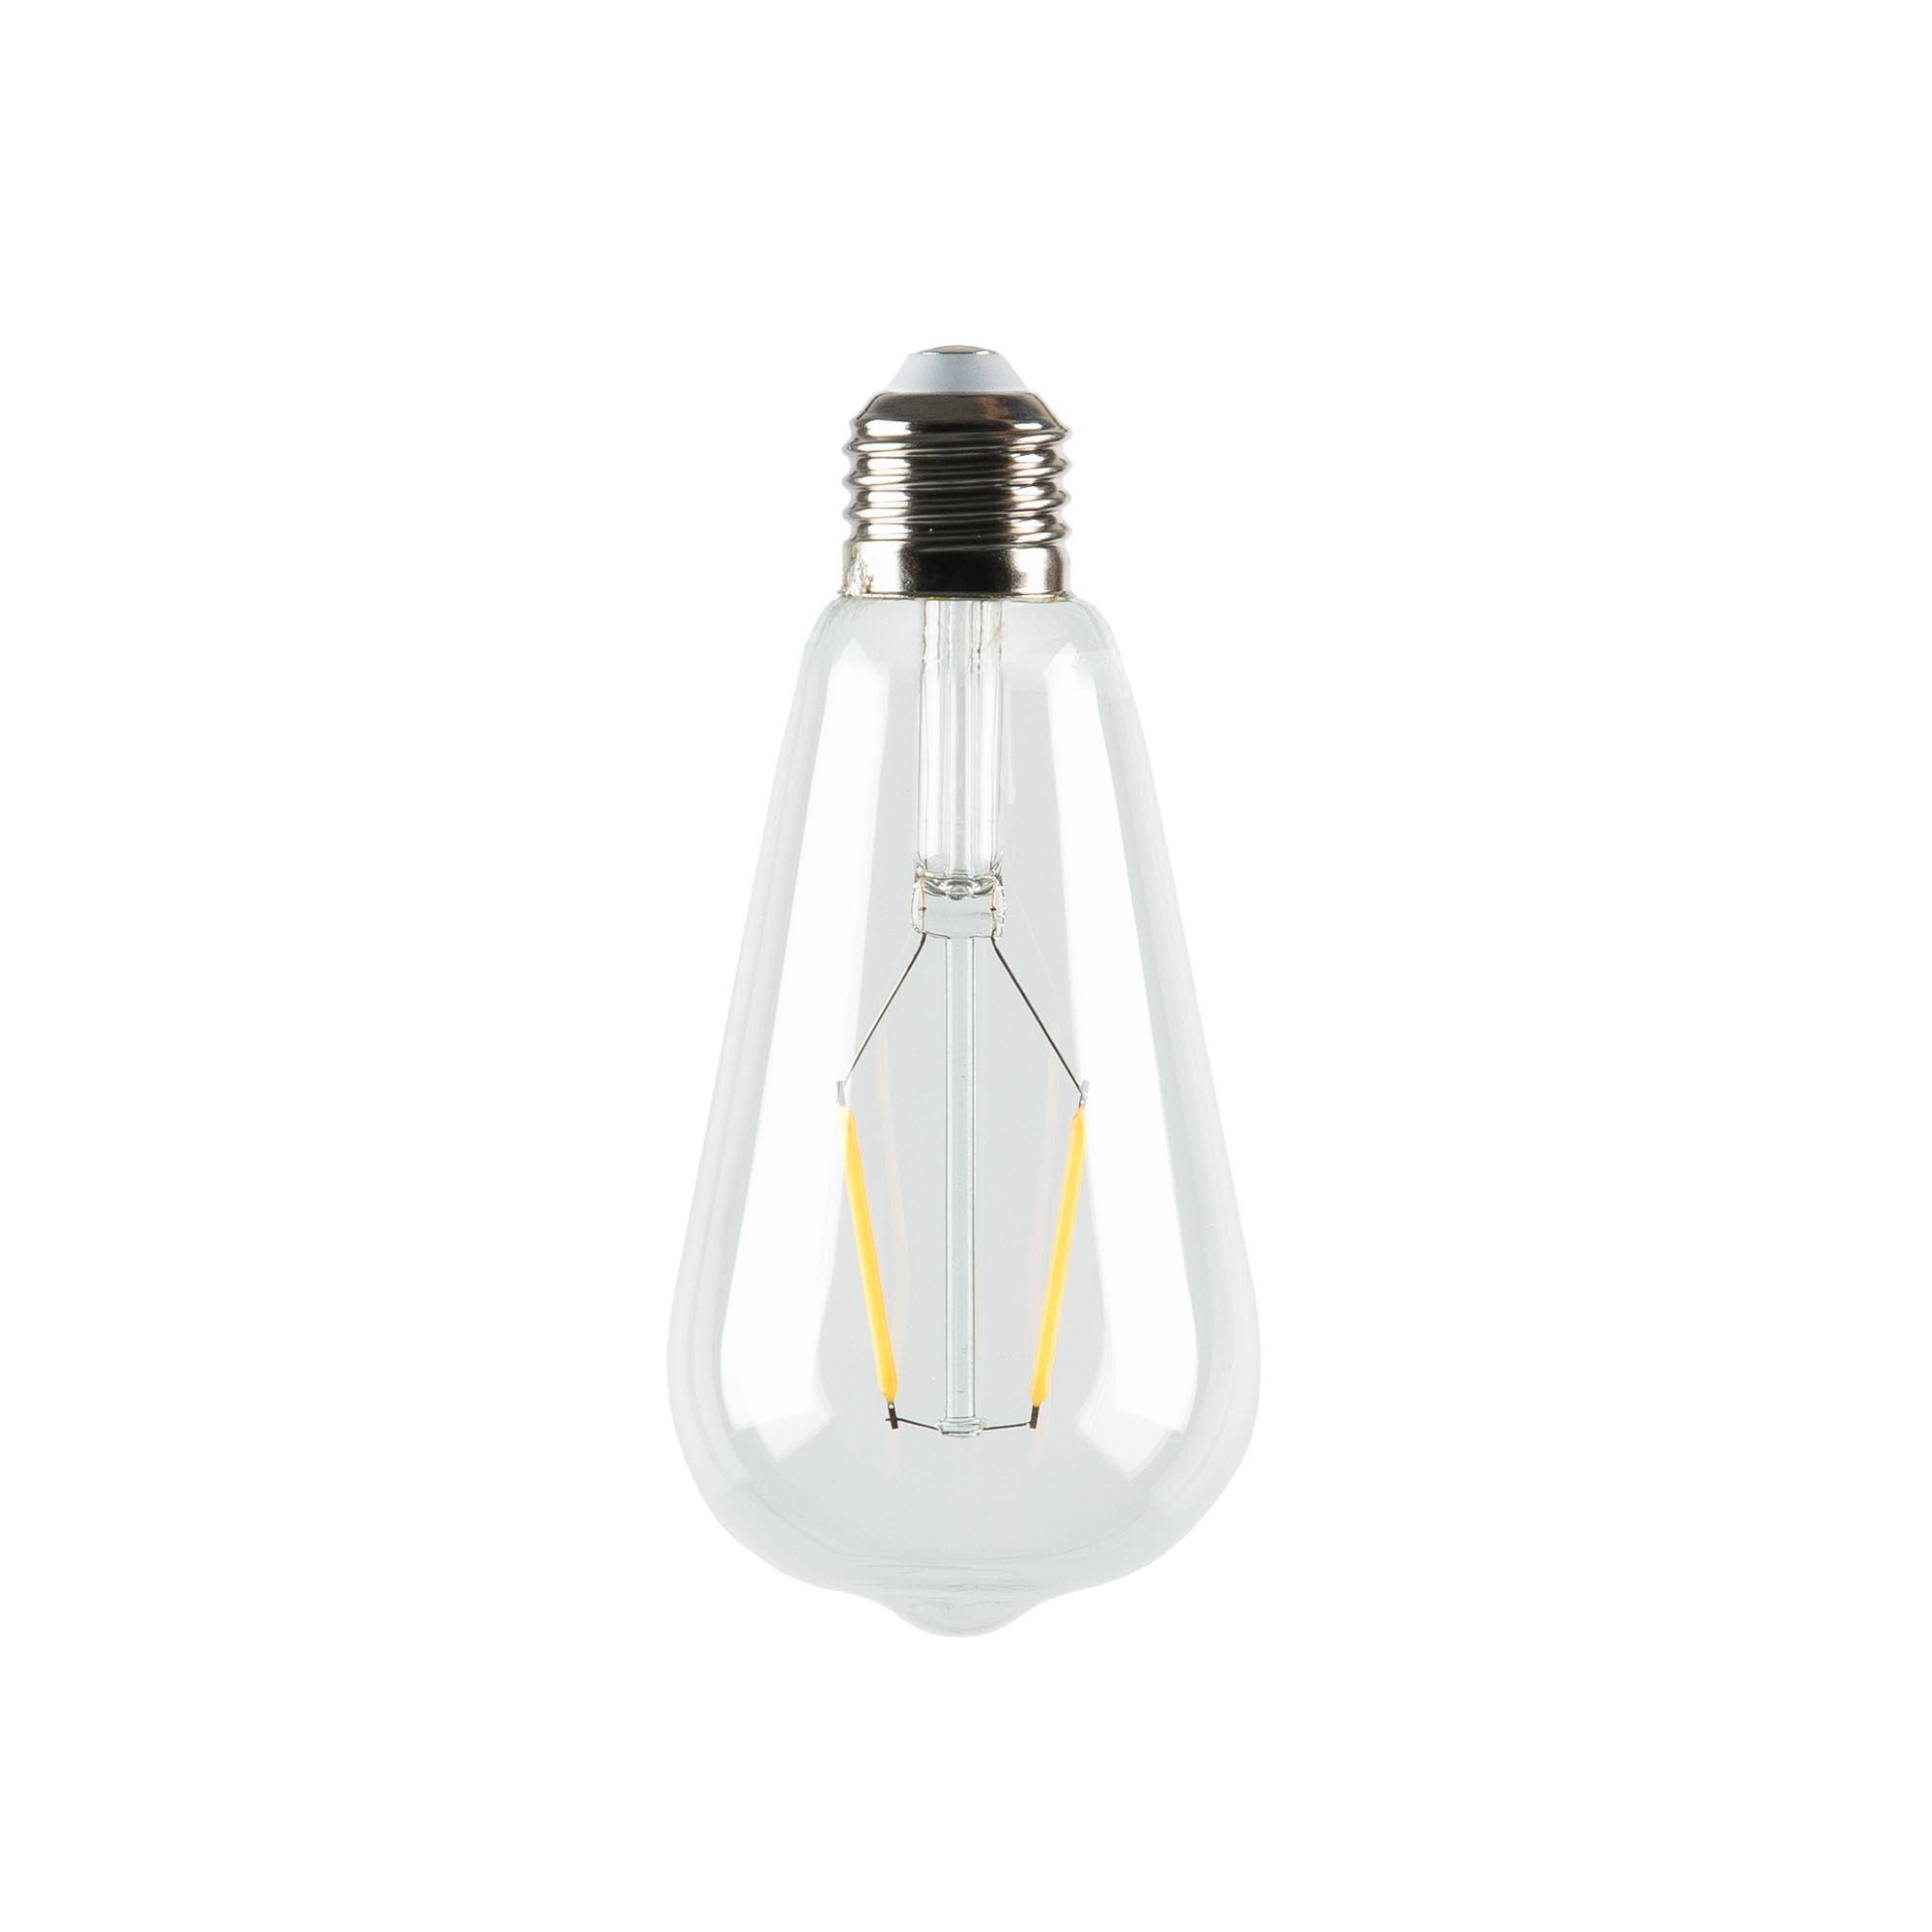 Kave Home Lampadina LED Bulb E27 da 4W e 65 mm luce calda